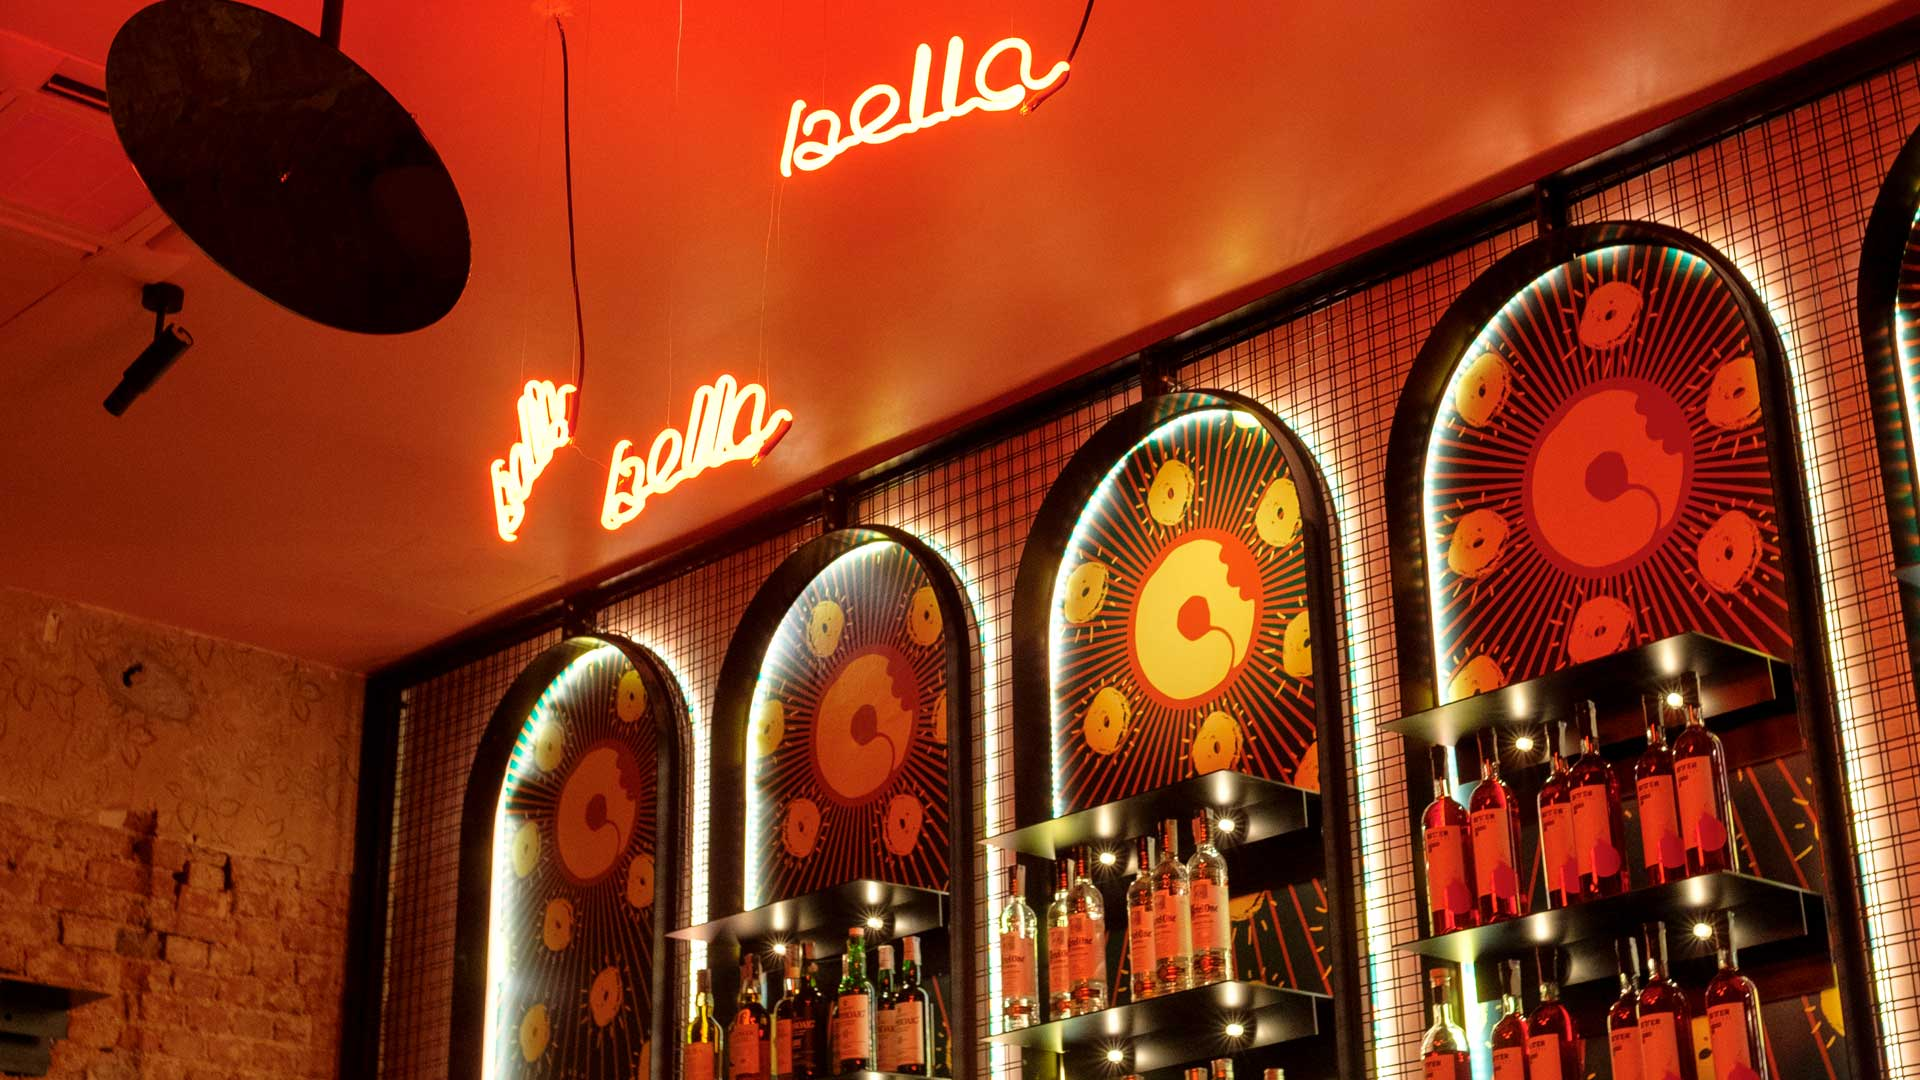 Bella-Milano-Bistrot-nuova-apertura-2021-Coqtail-Milano